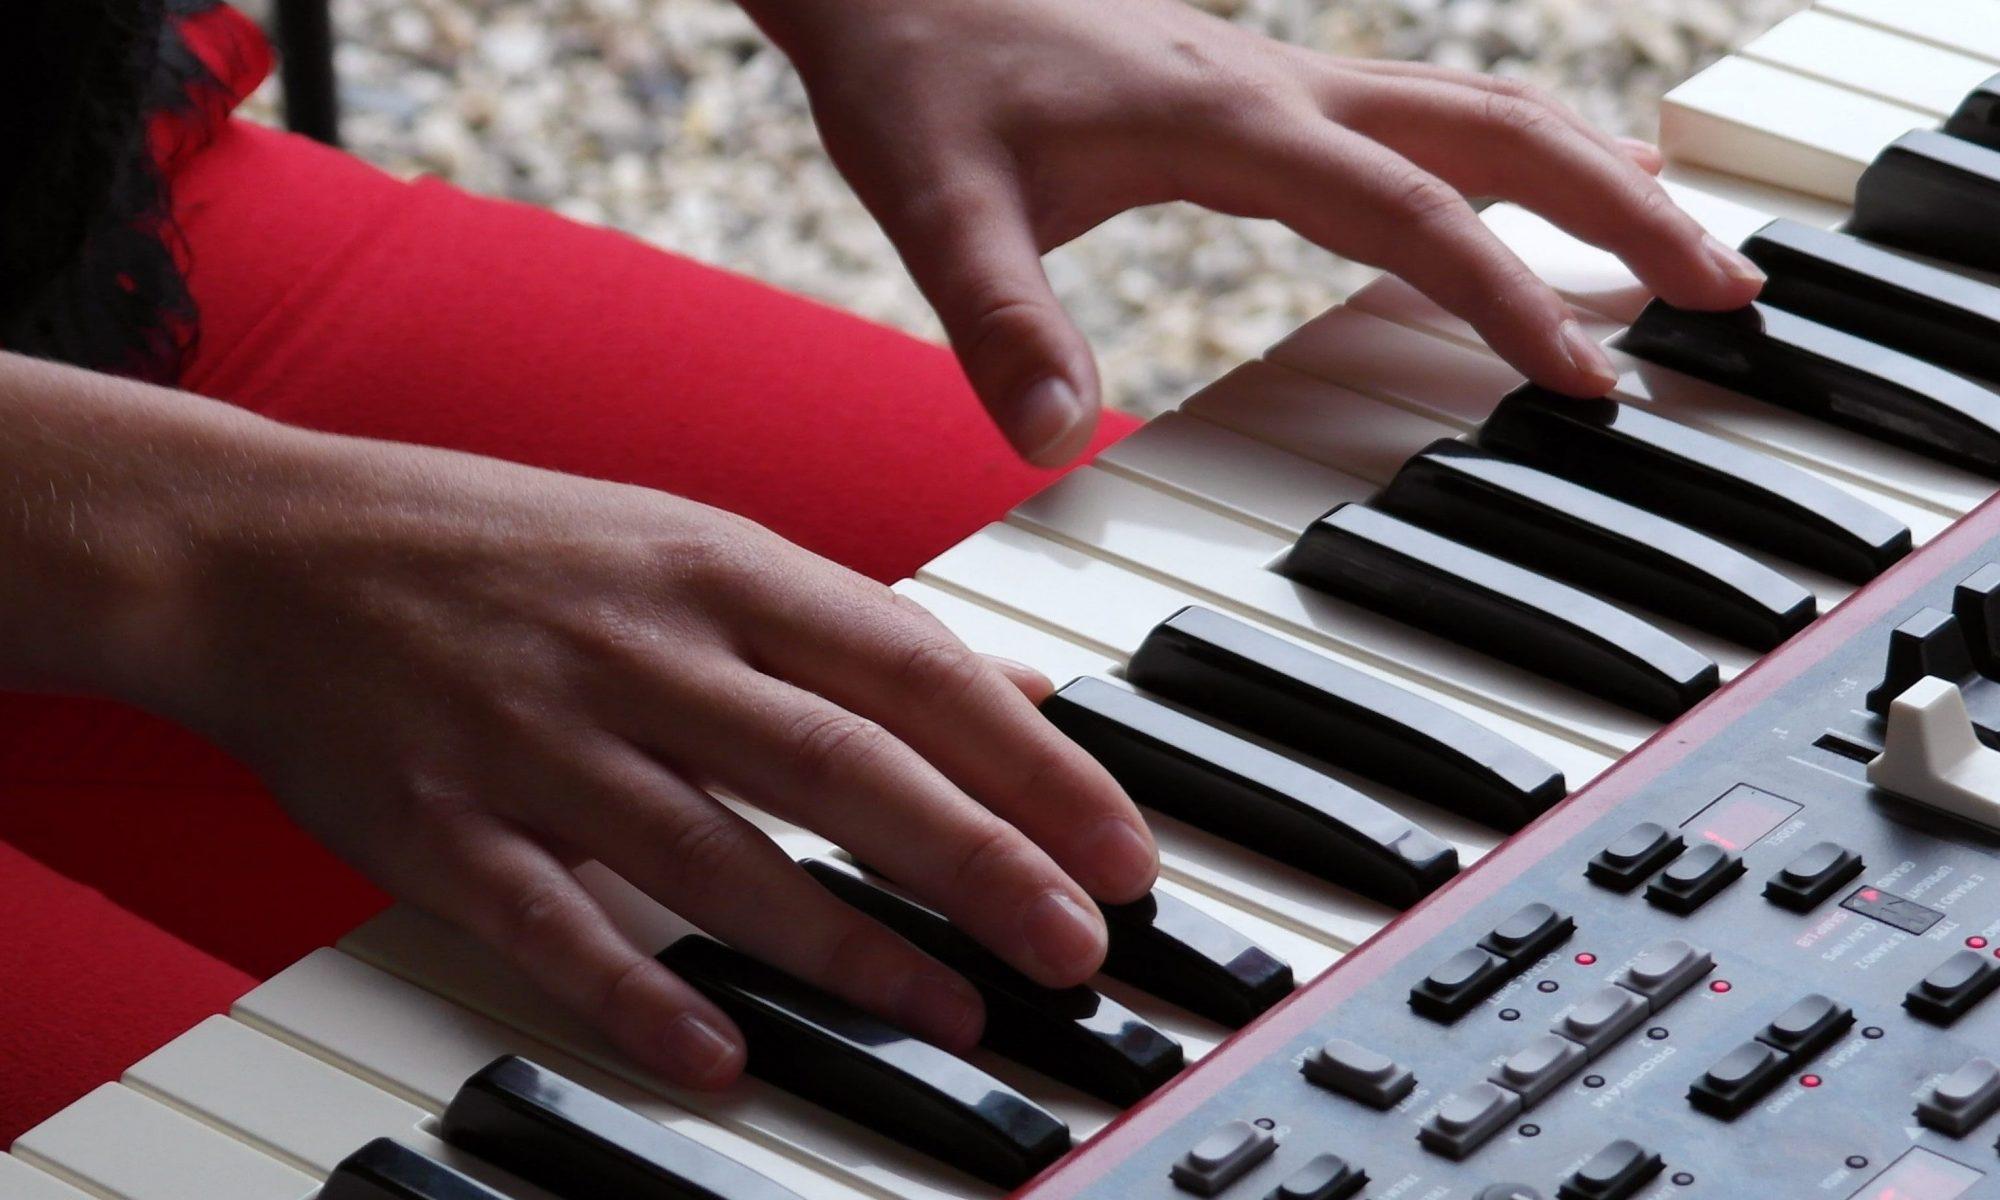 Marieke Music